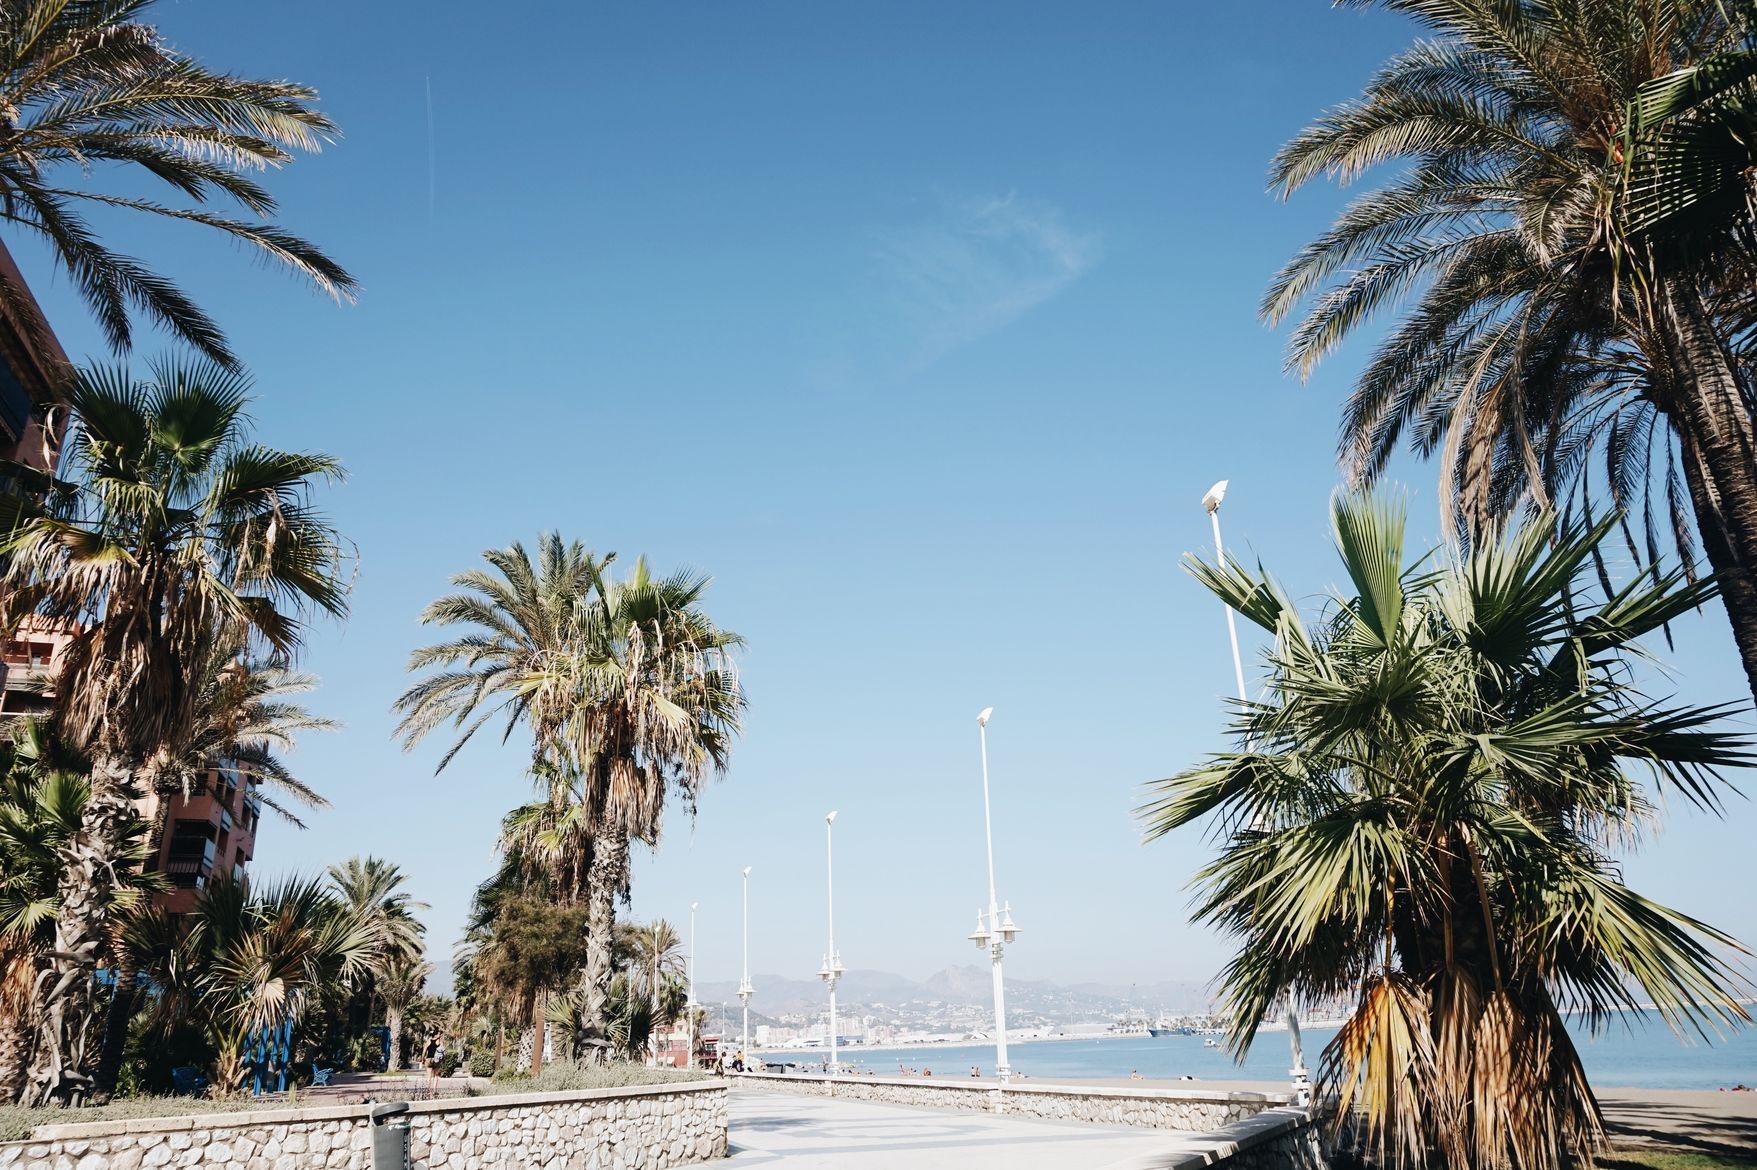 Golden Connexion : 5 days in Malaga